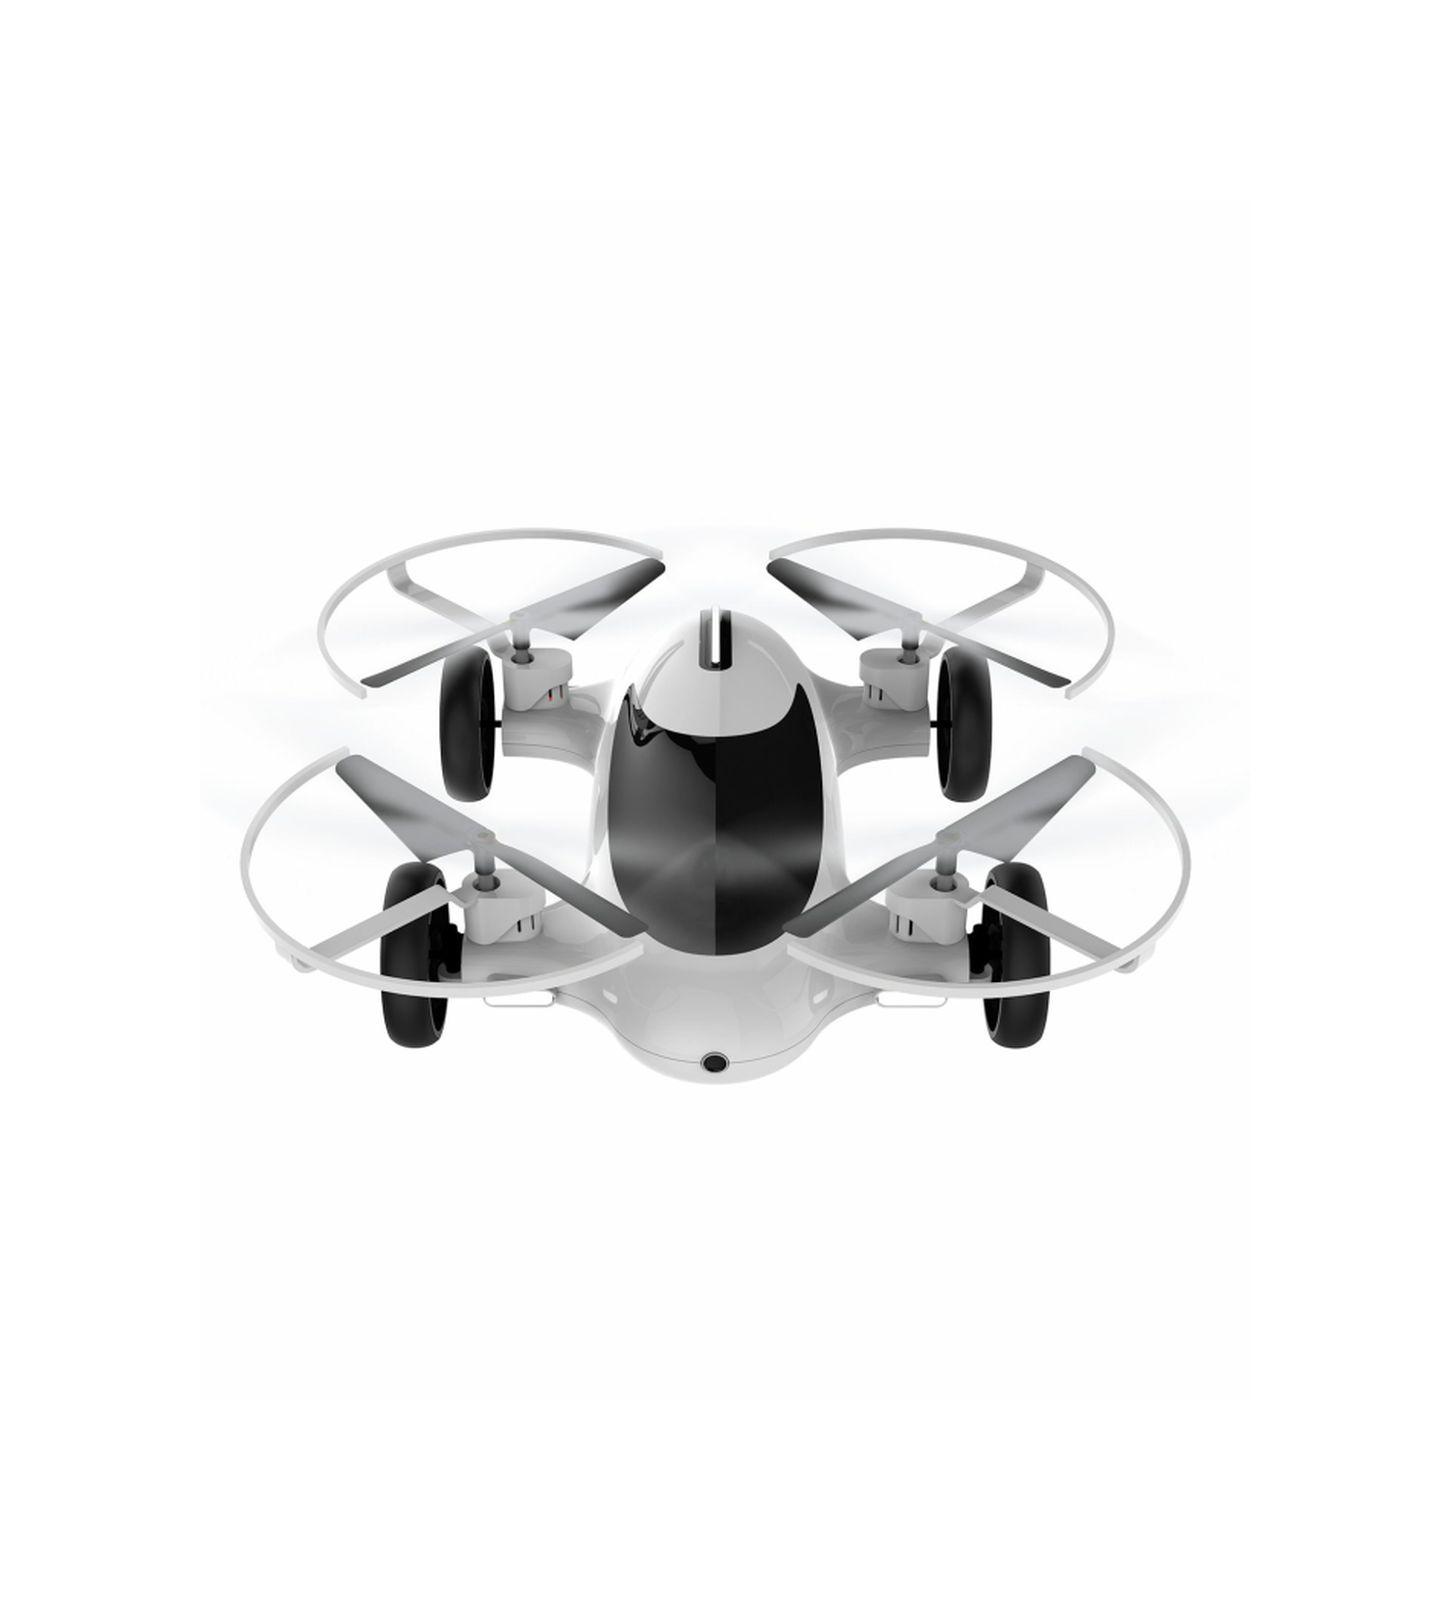 Drone r/c flying - SHARPER IMAGES